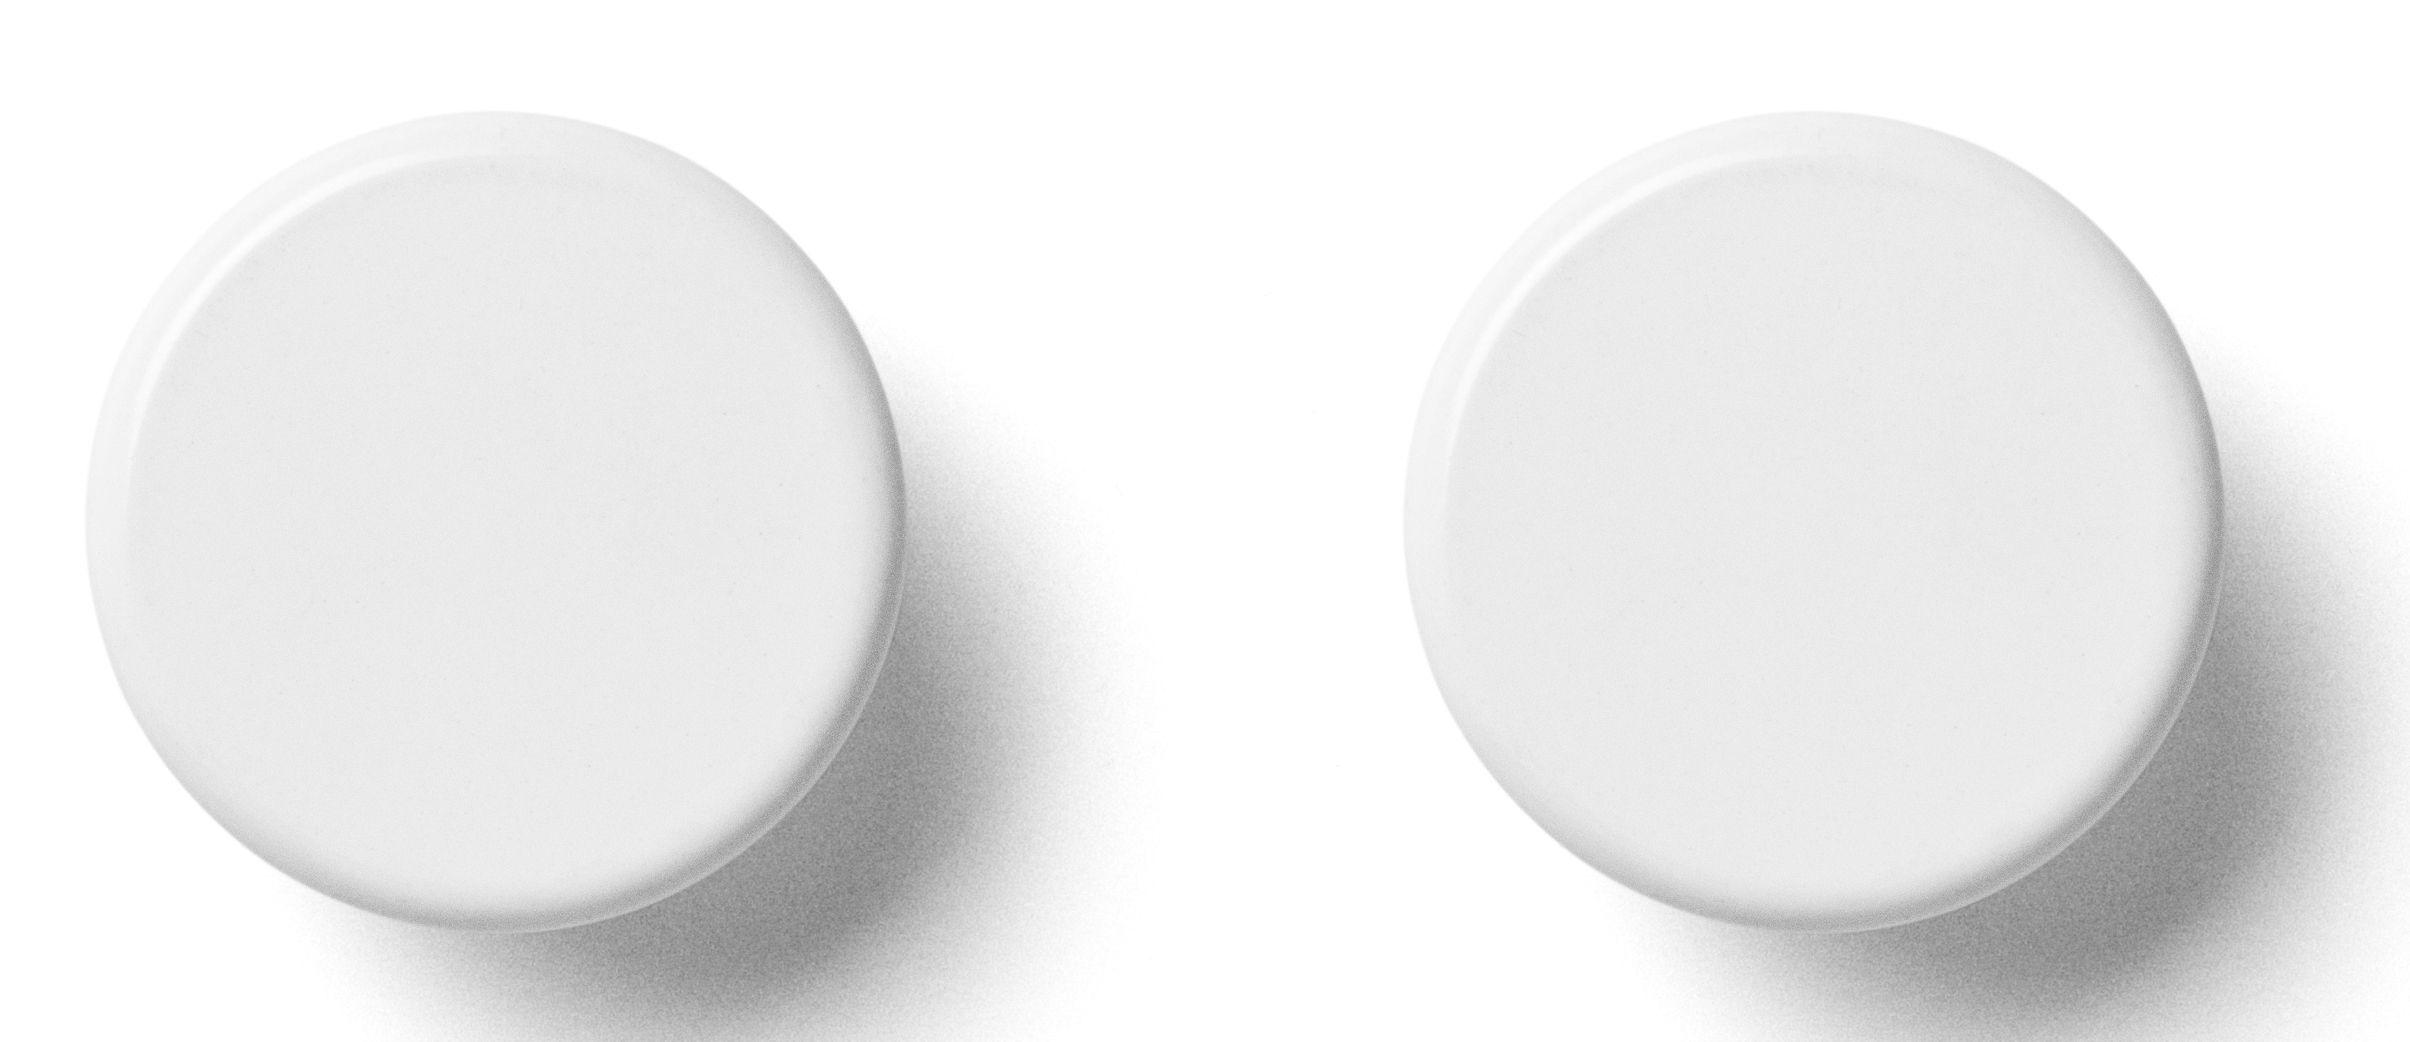 Mobilier - Portemanteaux, patères & portants - Patère / Lot de 2 - Menu - Blanc - Acier